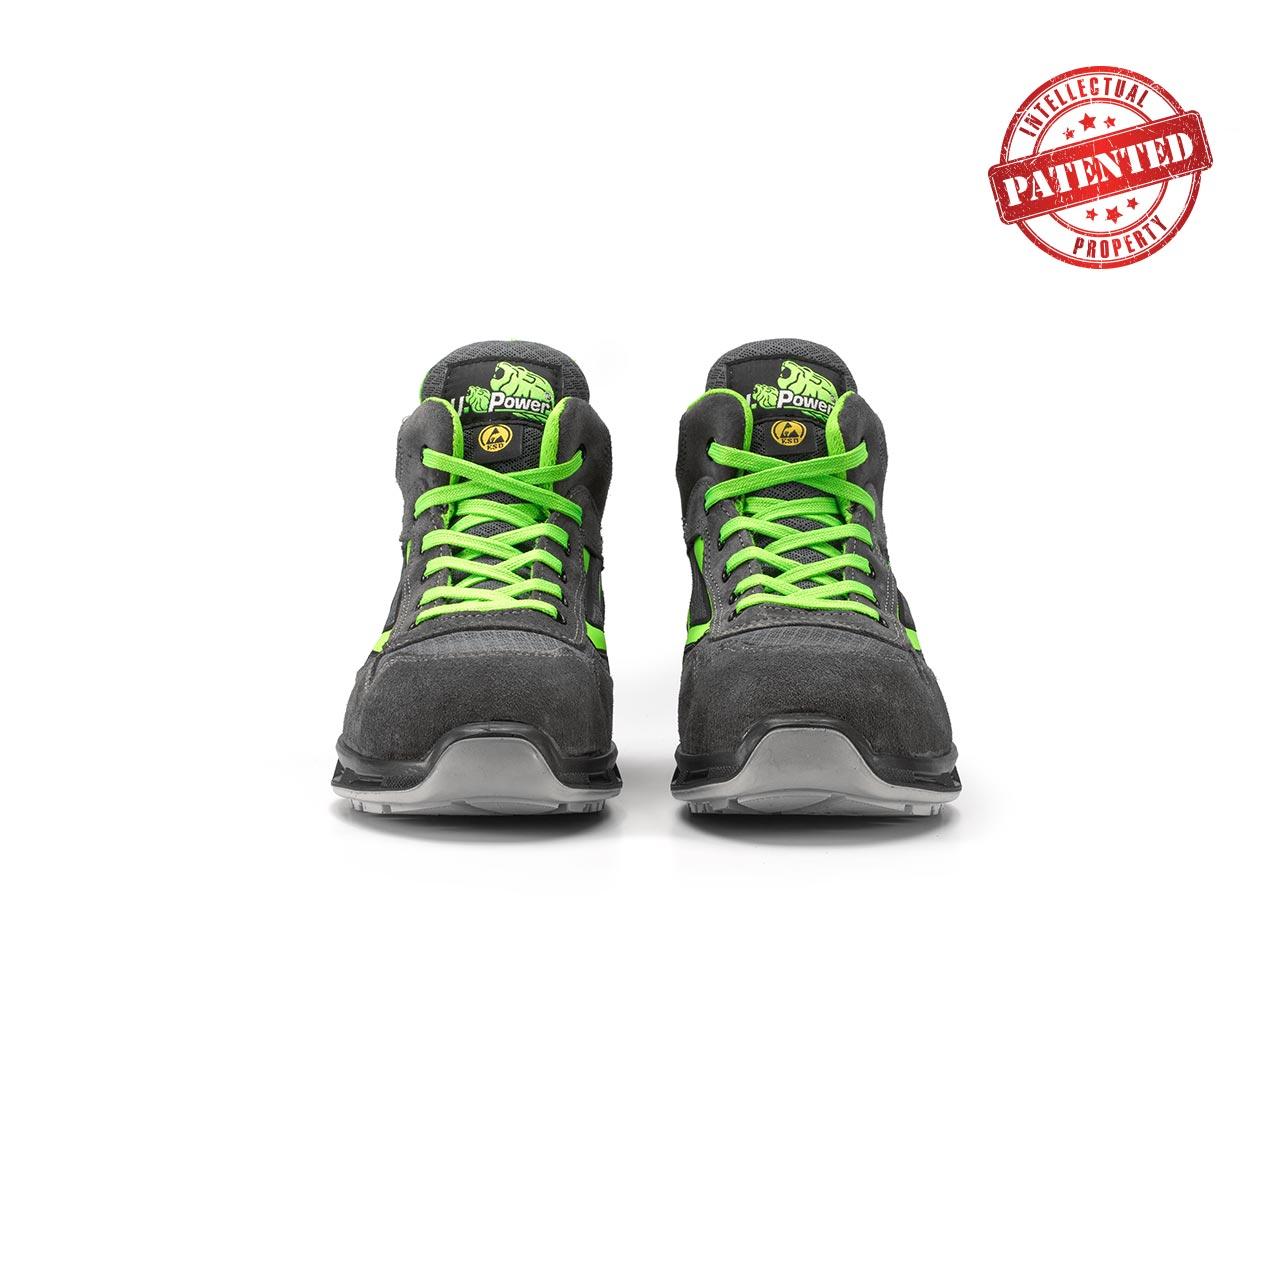 paio di scarpe antinfortunistiche alte upower modello ramas linea redlion vista frontale